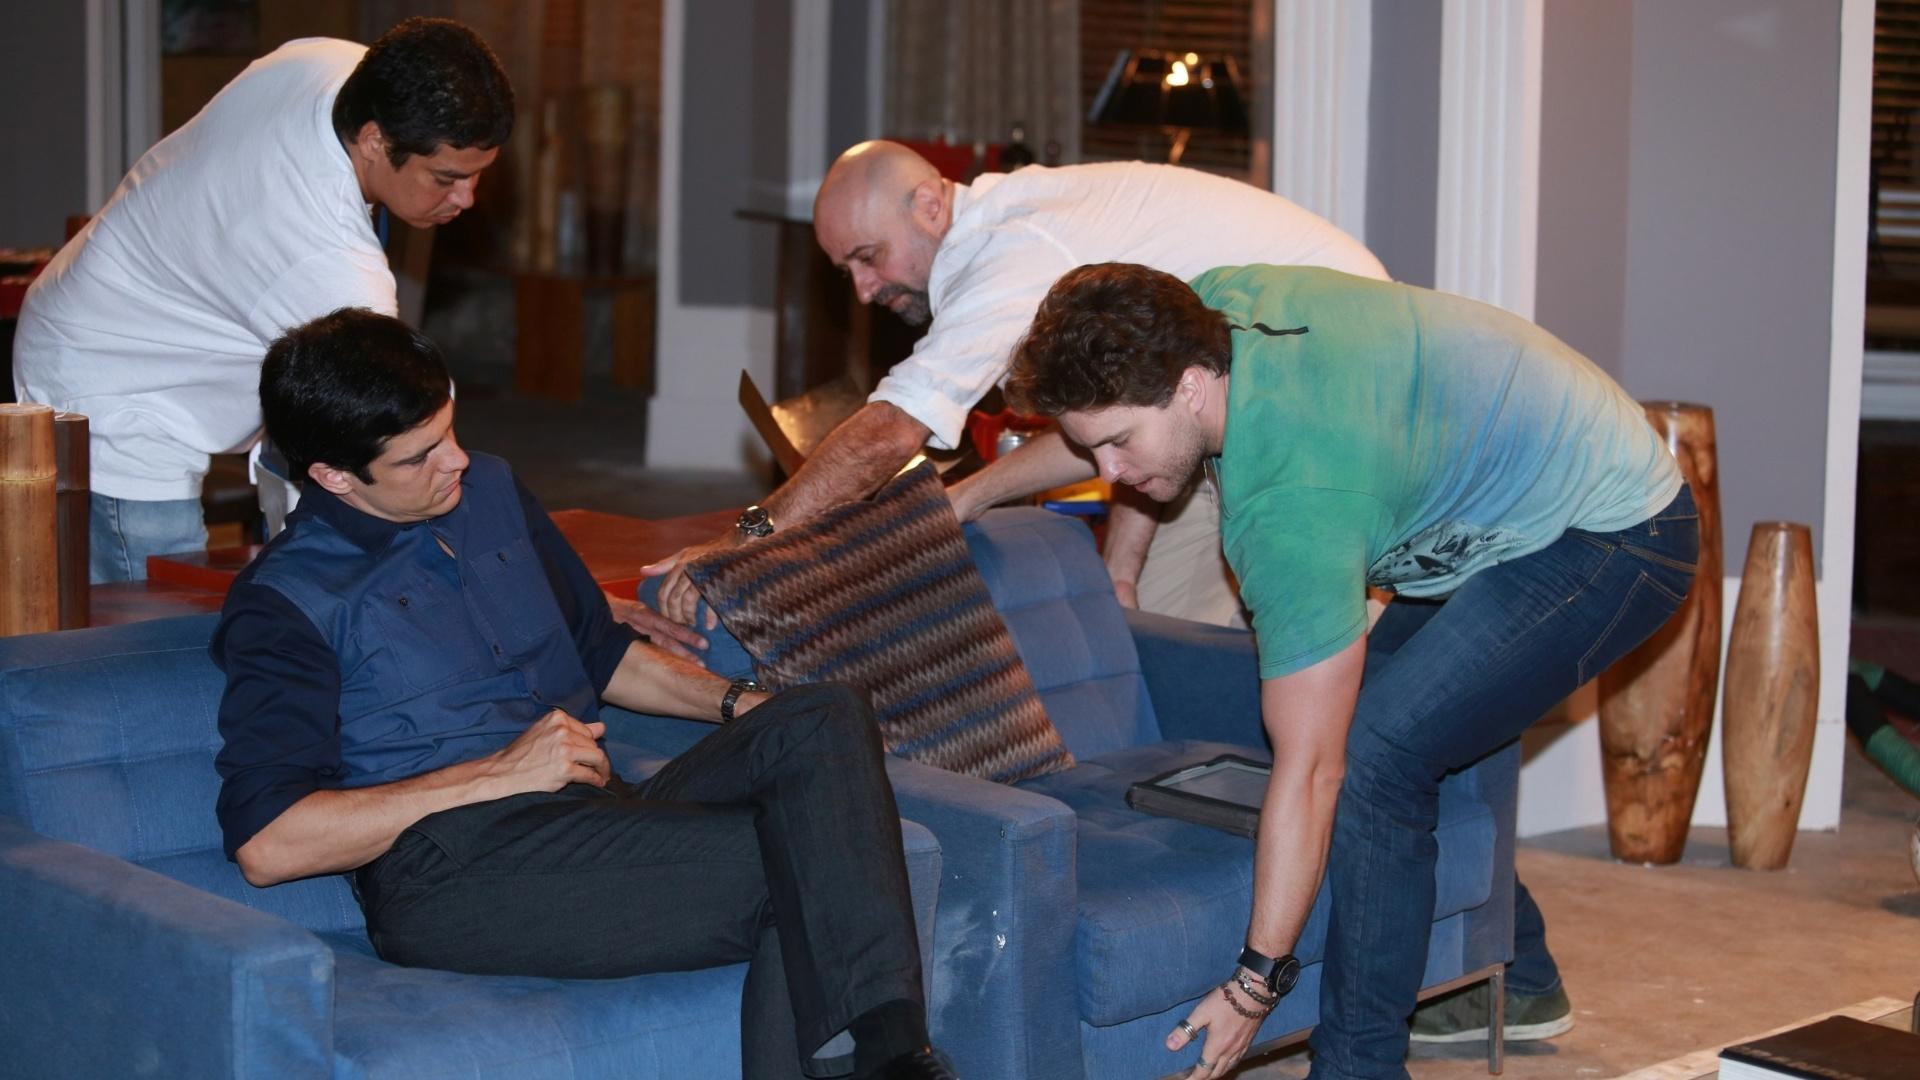 7.jan.2014 - Thiago Fragoso e Mauro Mendonça Filho arrumam cenário durante ensaio para cena de